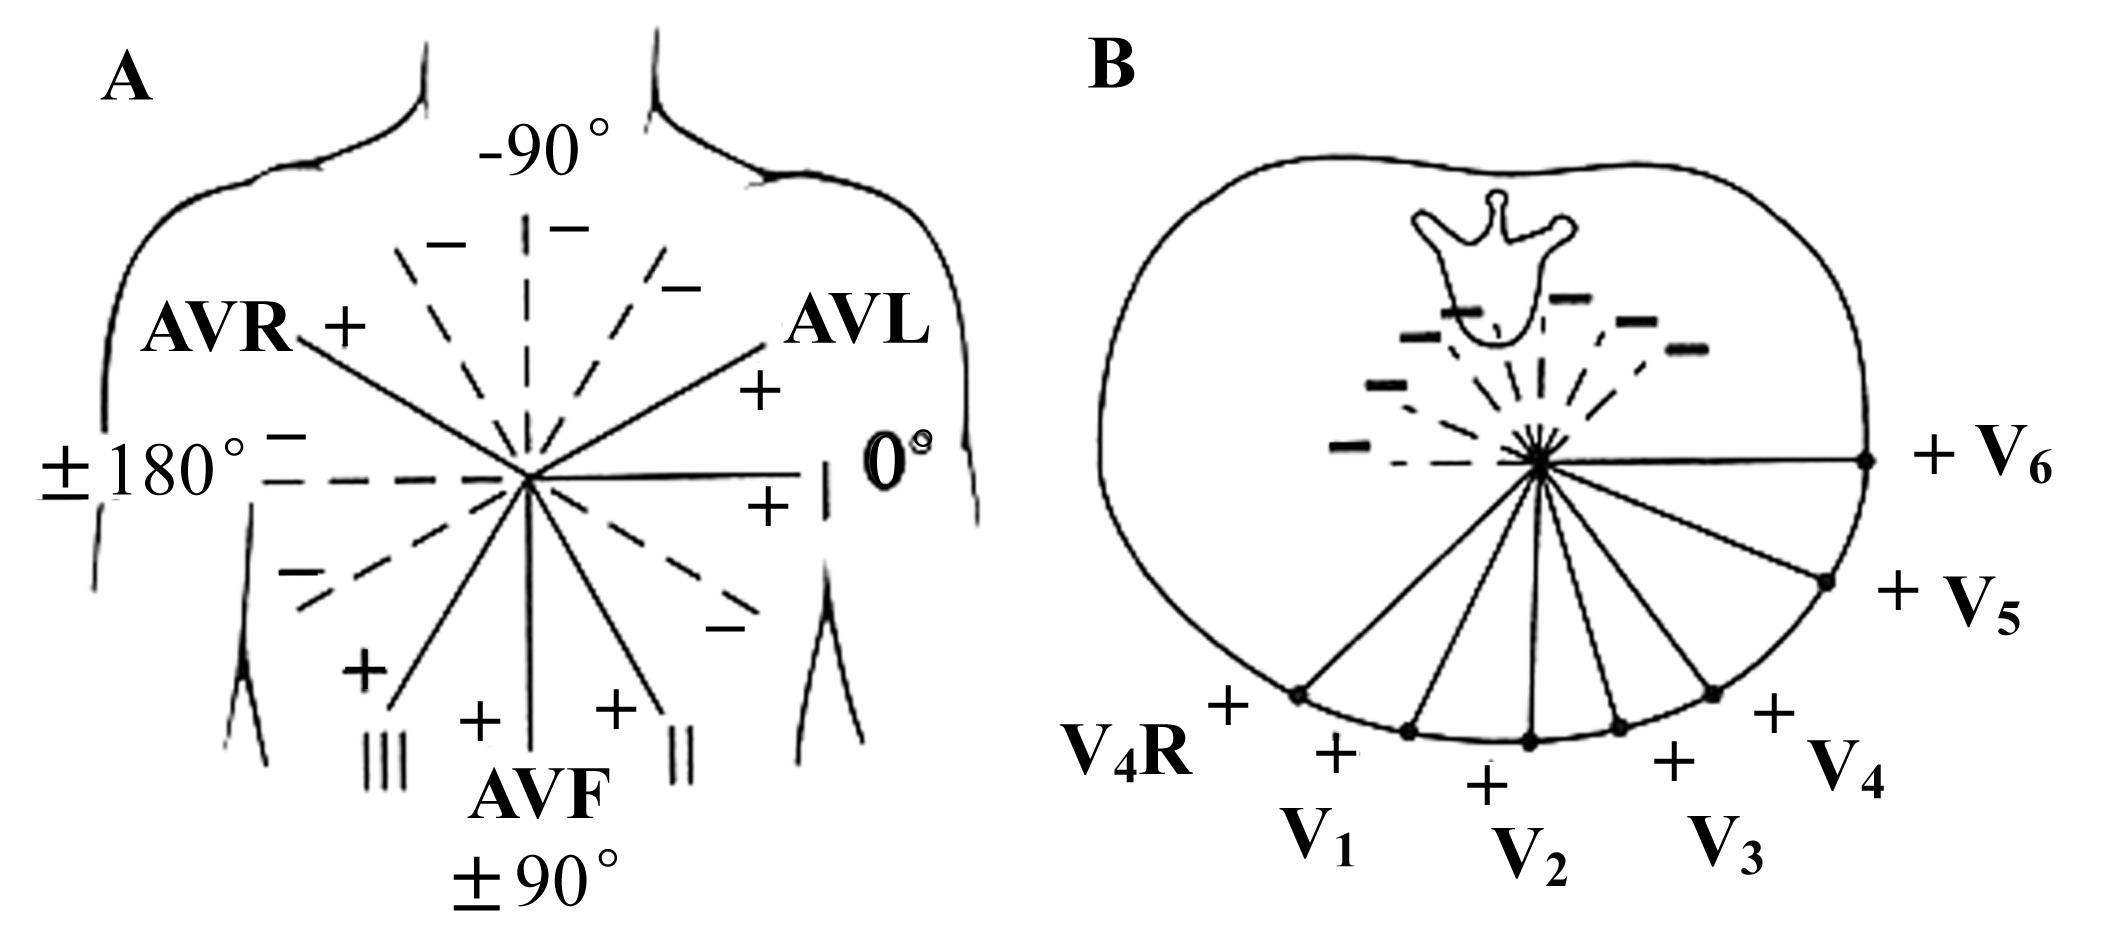 导联的镜面位置。 图1-12表示在X轴和Y轴上叠加的六轴参考系统,由伸展四肢的人体表示,手和足代表特定导联的正极。左右手分别是AVR和AVL的正极,左右脚分别是、导联的正极。双极肢体导联、和按正极序列的排列为顺时针方向。 【心电图的常规分析】 心电图的常规分析可根据以下顺序进行: 心律:窦性或非窦性,根据P轴分析; 心率:如果房室率不同,则注意各是多少; QRS电轴,T电轴和QRS-T角; 间期和持续时间:PR、QRS和QT; P波的振幅和持续时间; QRS波振幅和R/S比率,并注意异